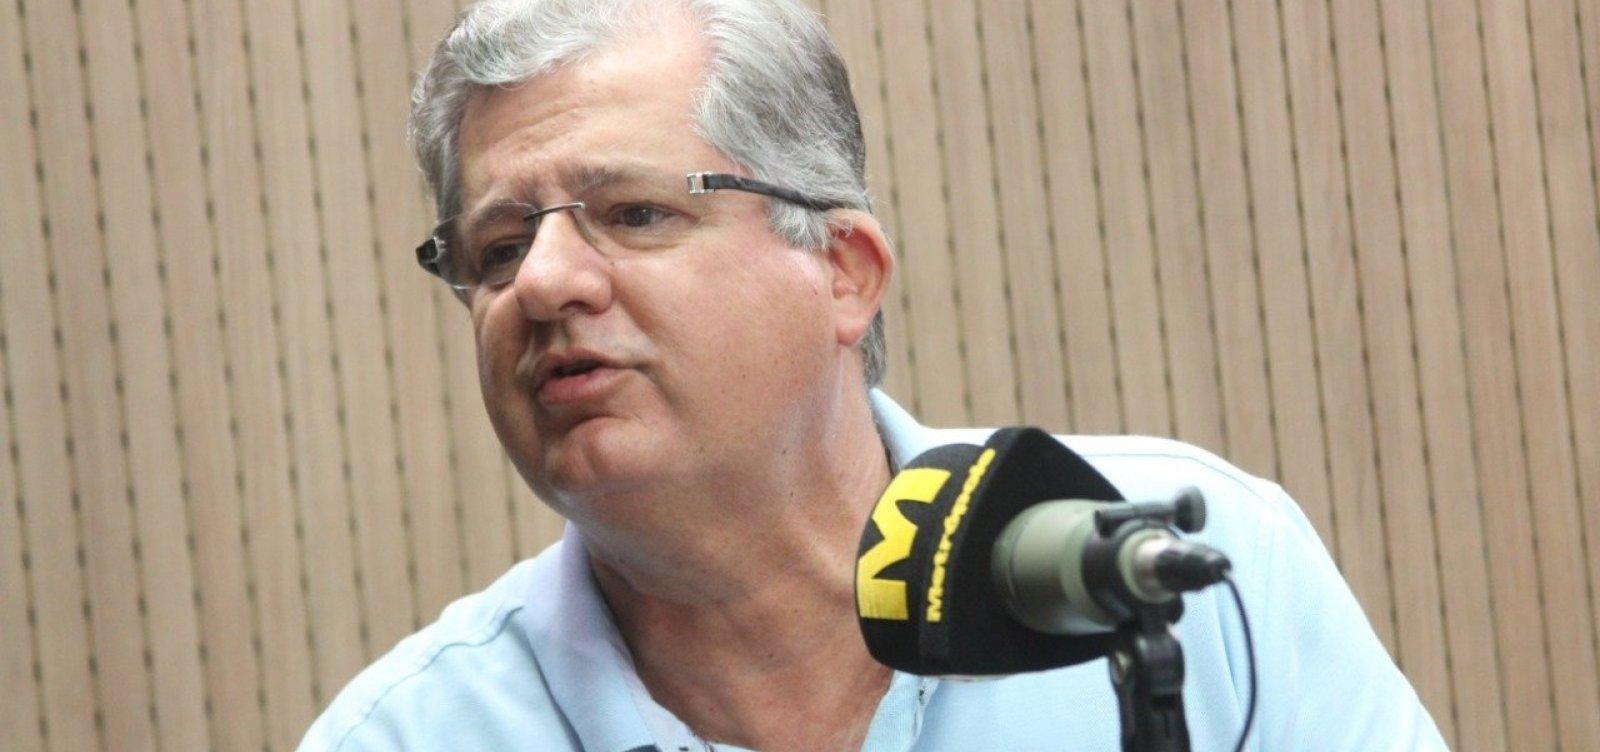 ['Surpreso' com debandada, Jutahy promete voto em Alckmin e Ronaldo: 'Vou cumprir a palavra']